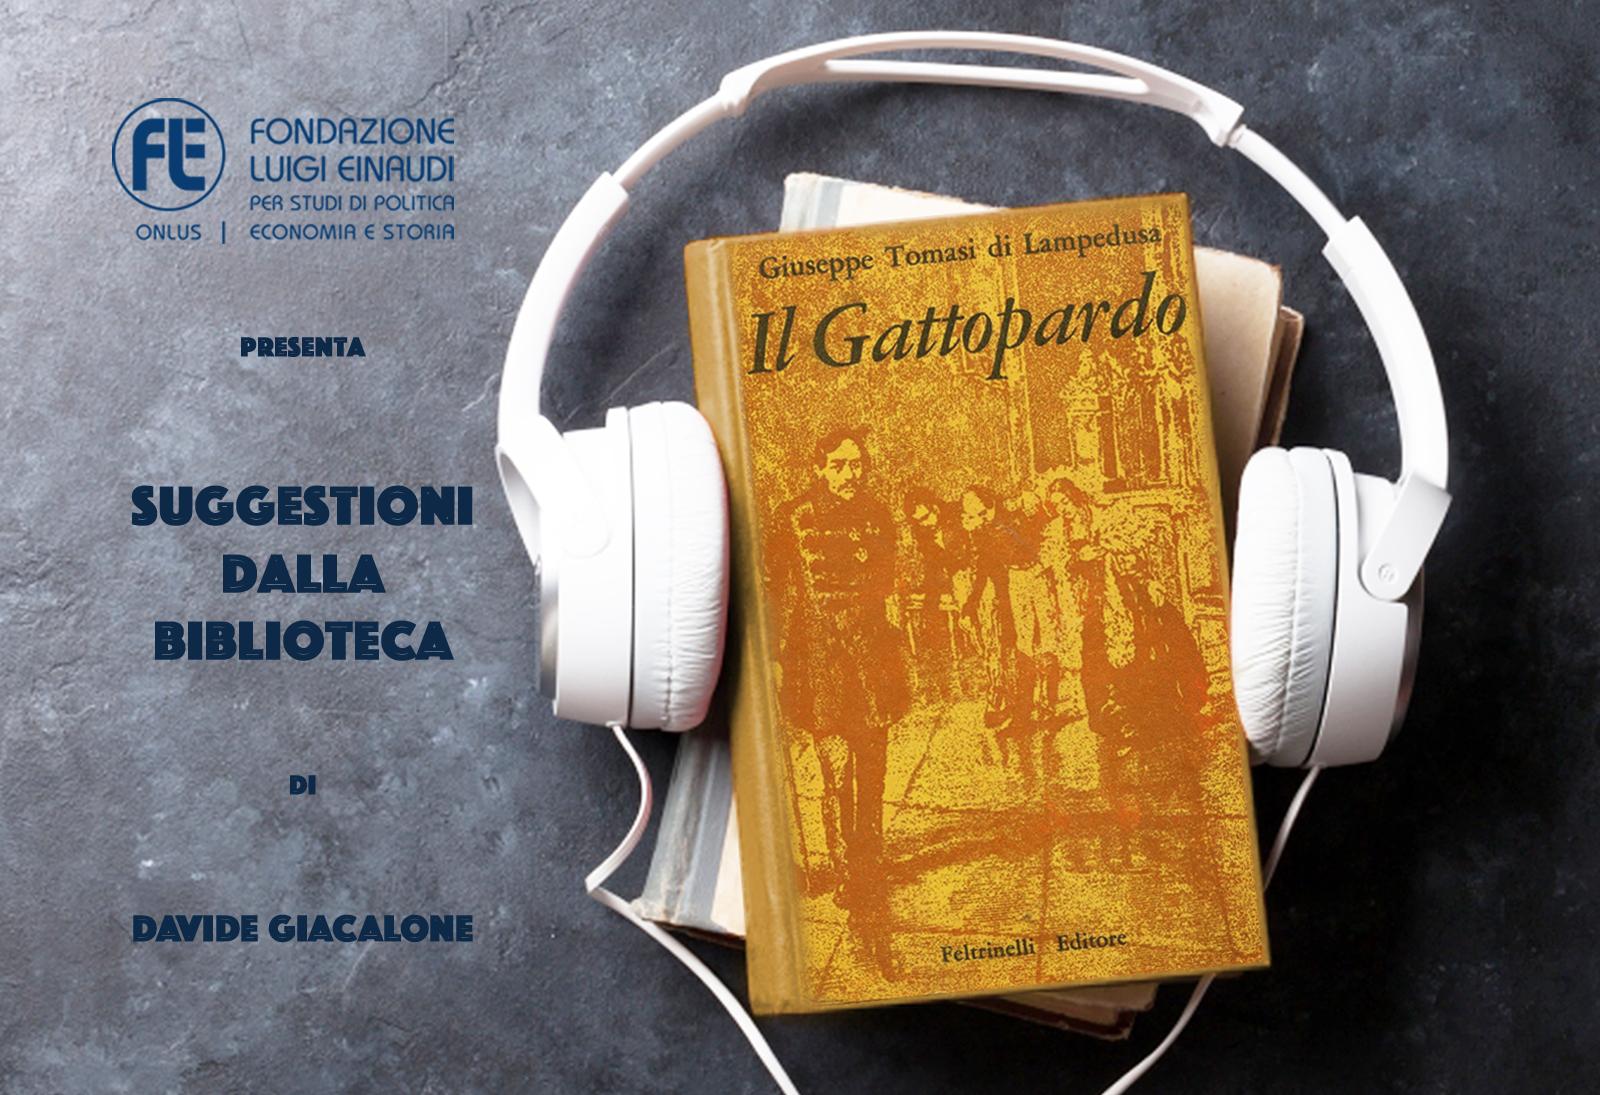 Giuseppe Tomasi di Lampedusa – Il Gattopardo